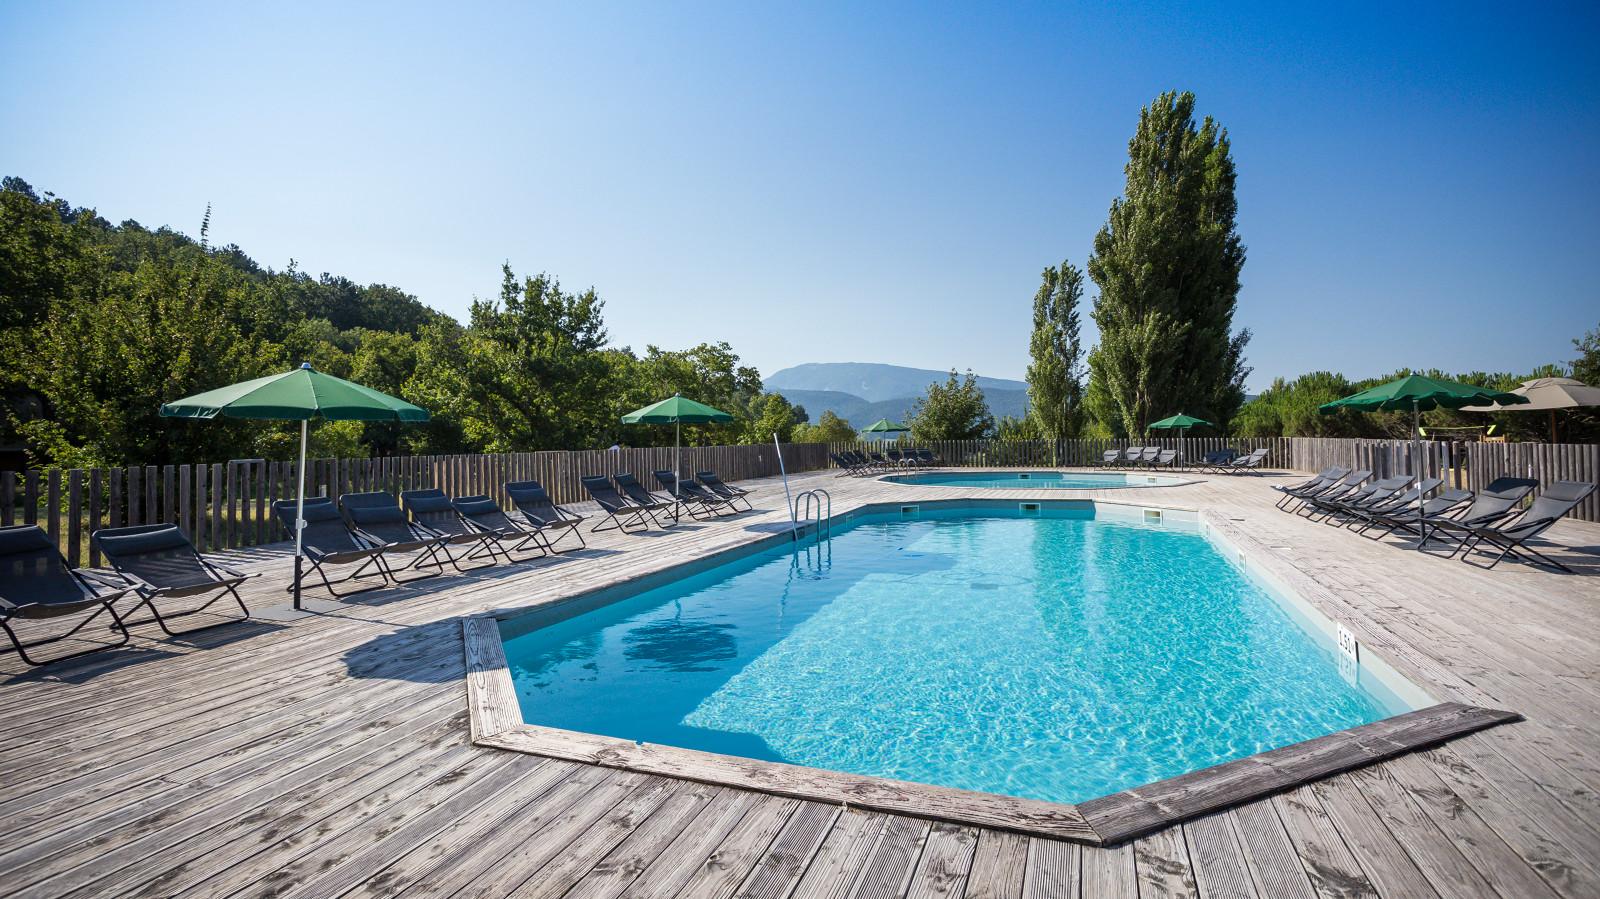 Camping Huttopia Dieulefit, Dieulefit, Drôme